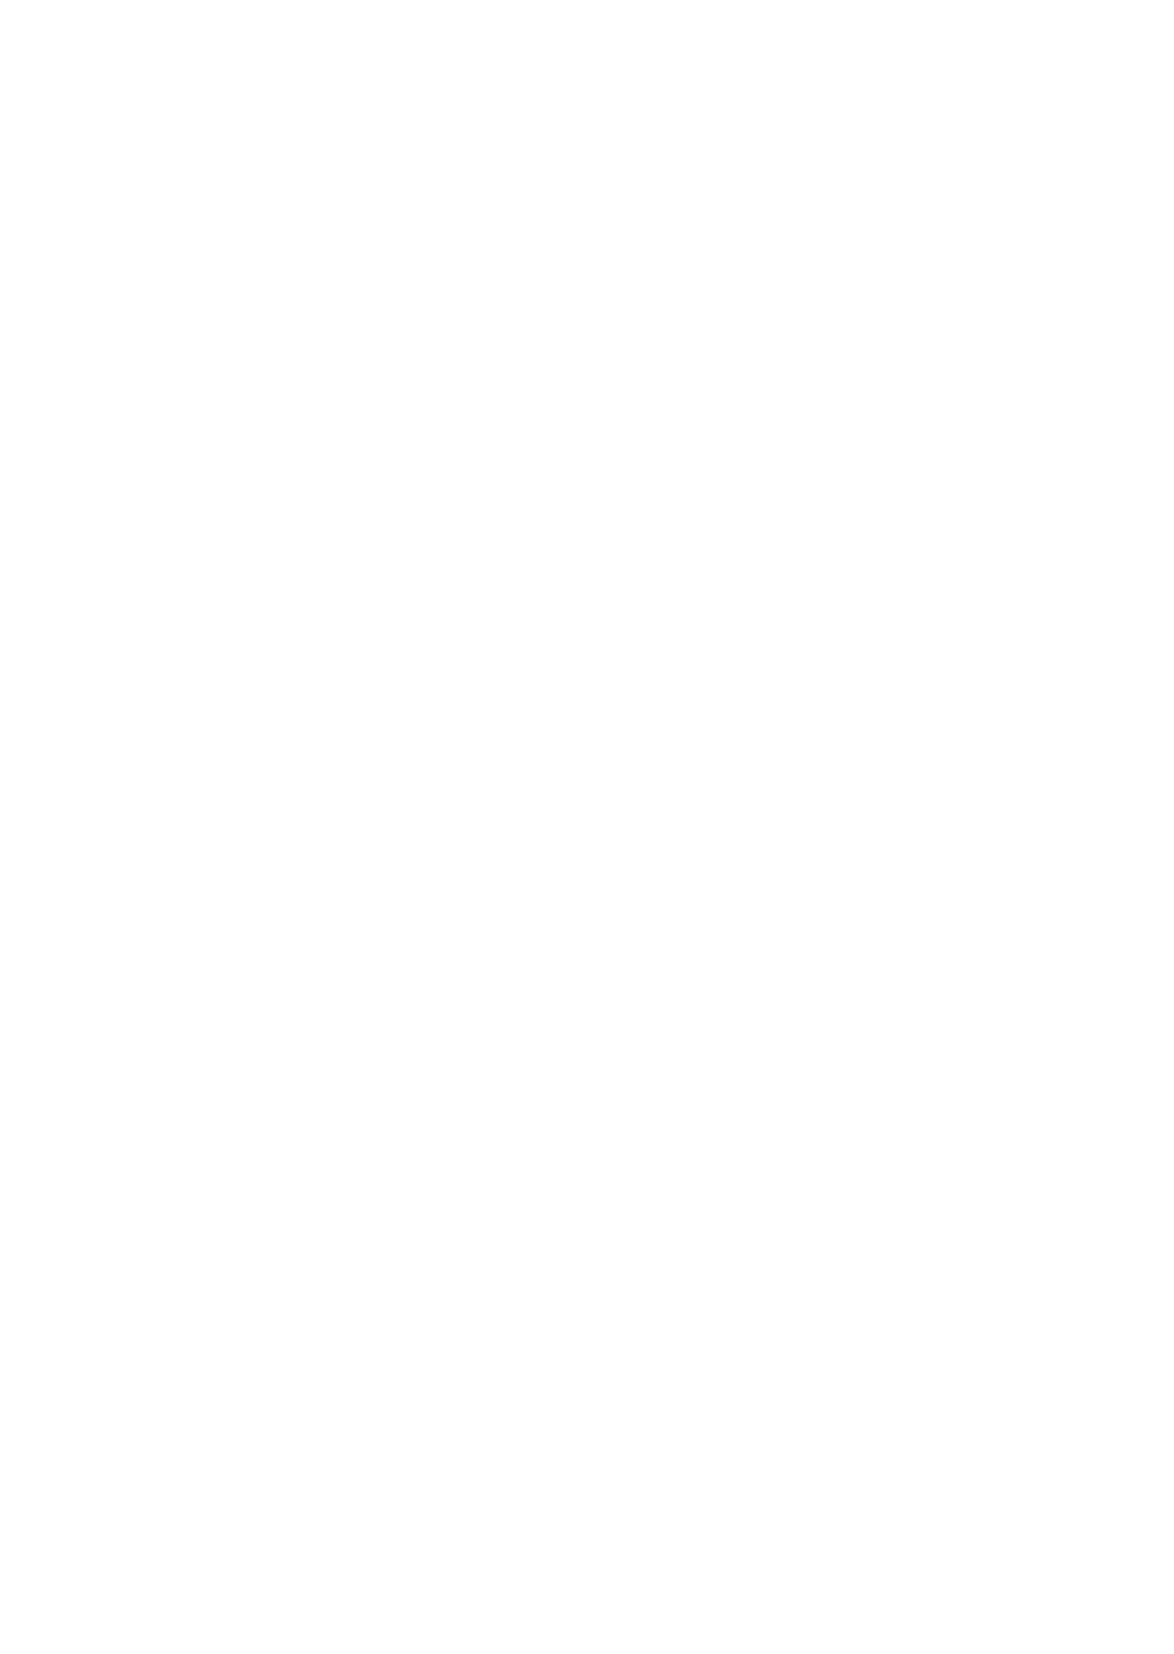 Ritou e Tenkou Shitara Host Family ga Dosukebe de Komaru Soushuuhen 210